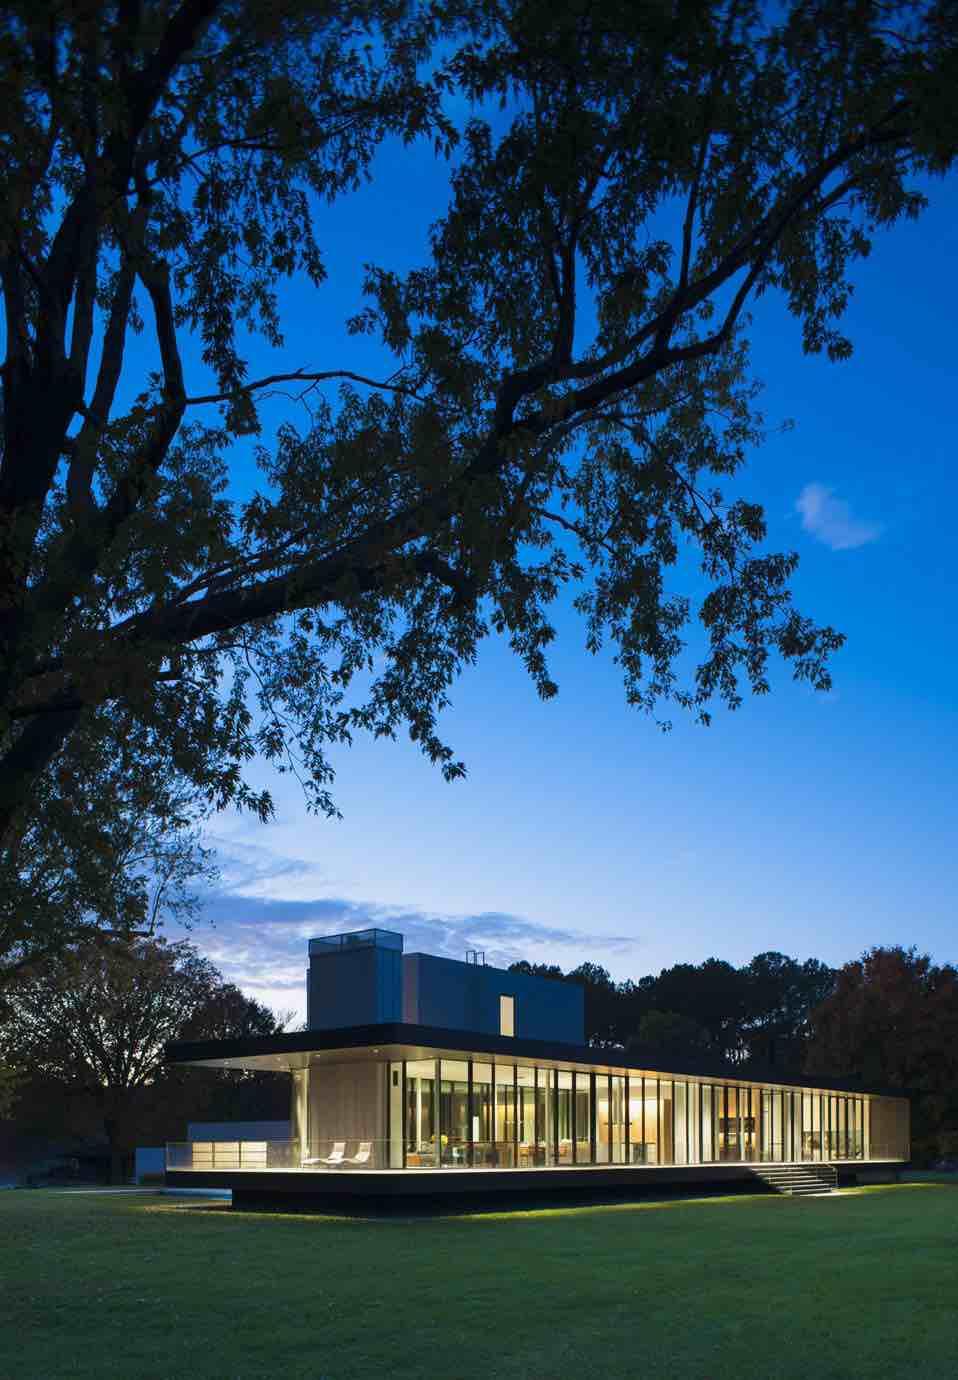 tred-avon-river-house-robert-m-gurney-architect_mackenzie-gurney-guttmanresidence-32